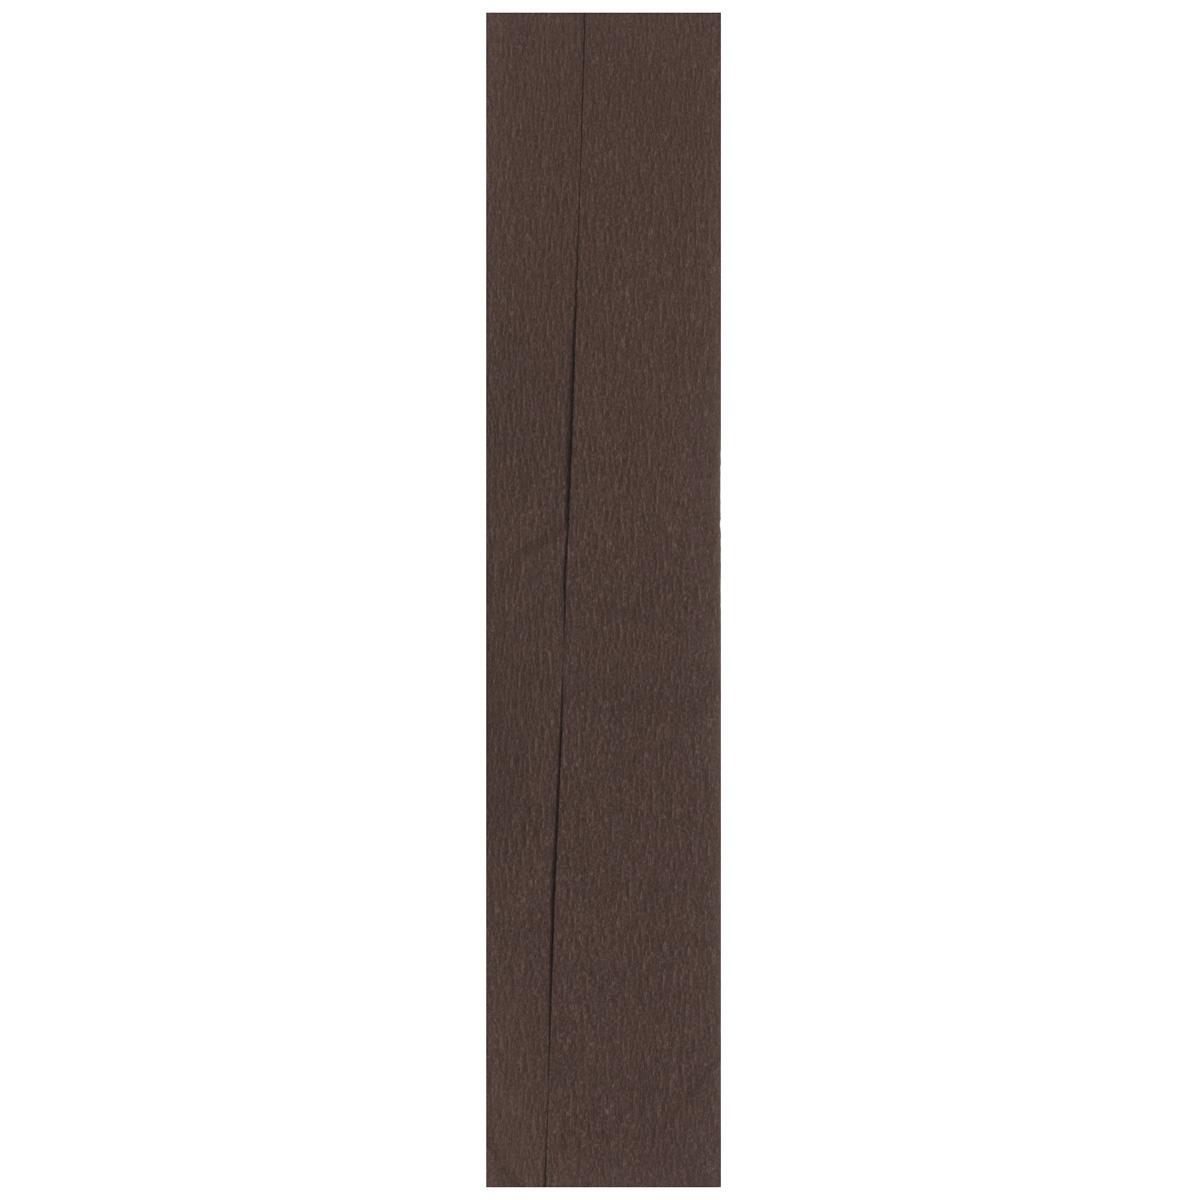 Бумага гофрированная Folia, цвет: шоколадный (15), 50 см x 2,5 м